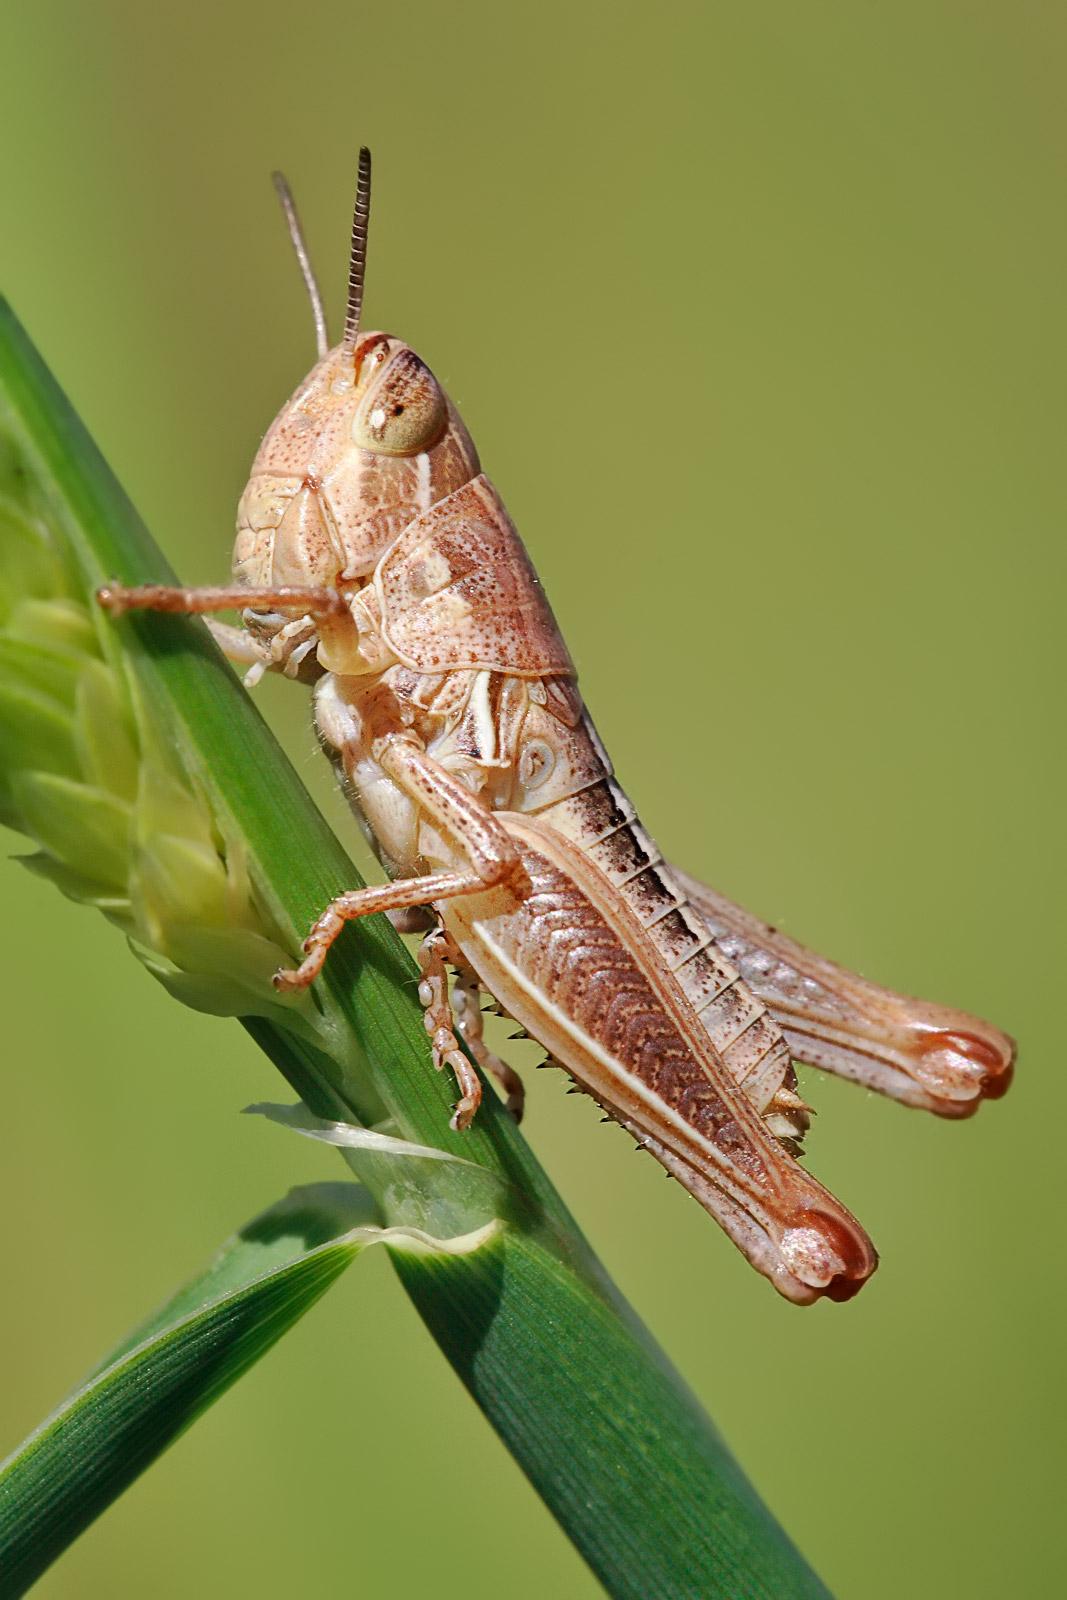 1067x1600 > Grasshopper Wallpapers